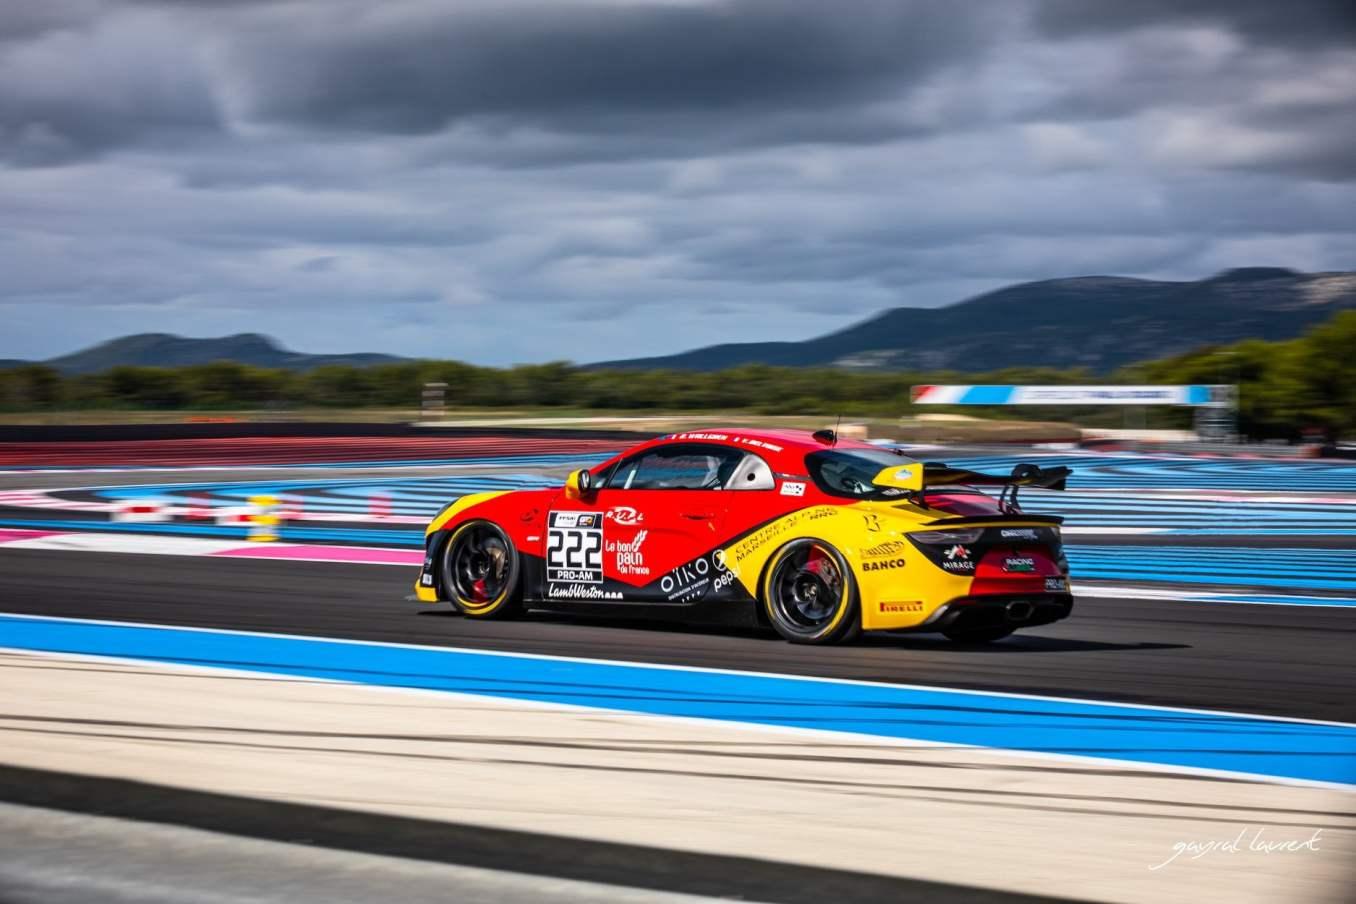 Alpine A110 GT4 FFSA GT Castellet Paul Ricard 2020 17 | Alpine A110 GT4 : Première victoire de Mirage Racing au Castellet en FFSA GT 2020